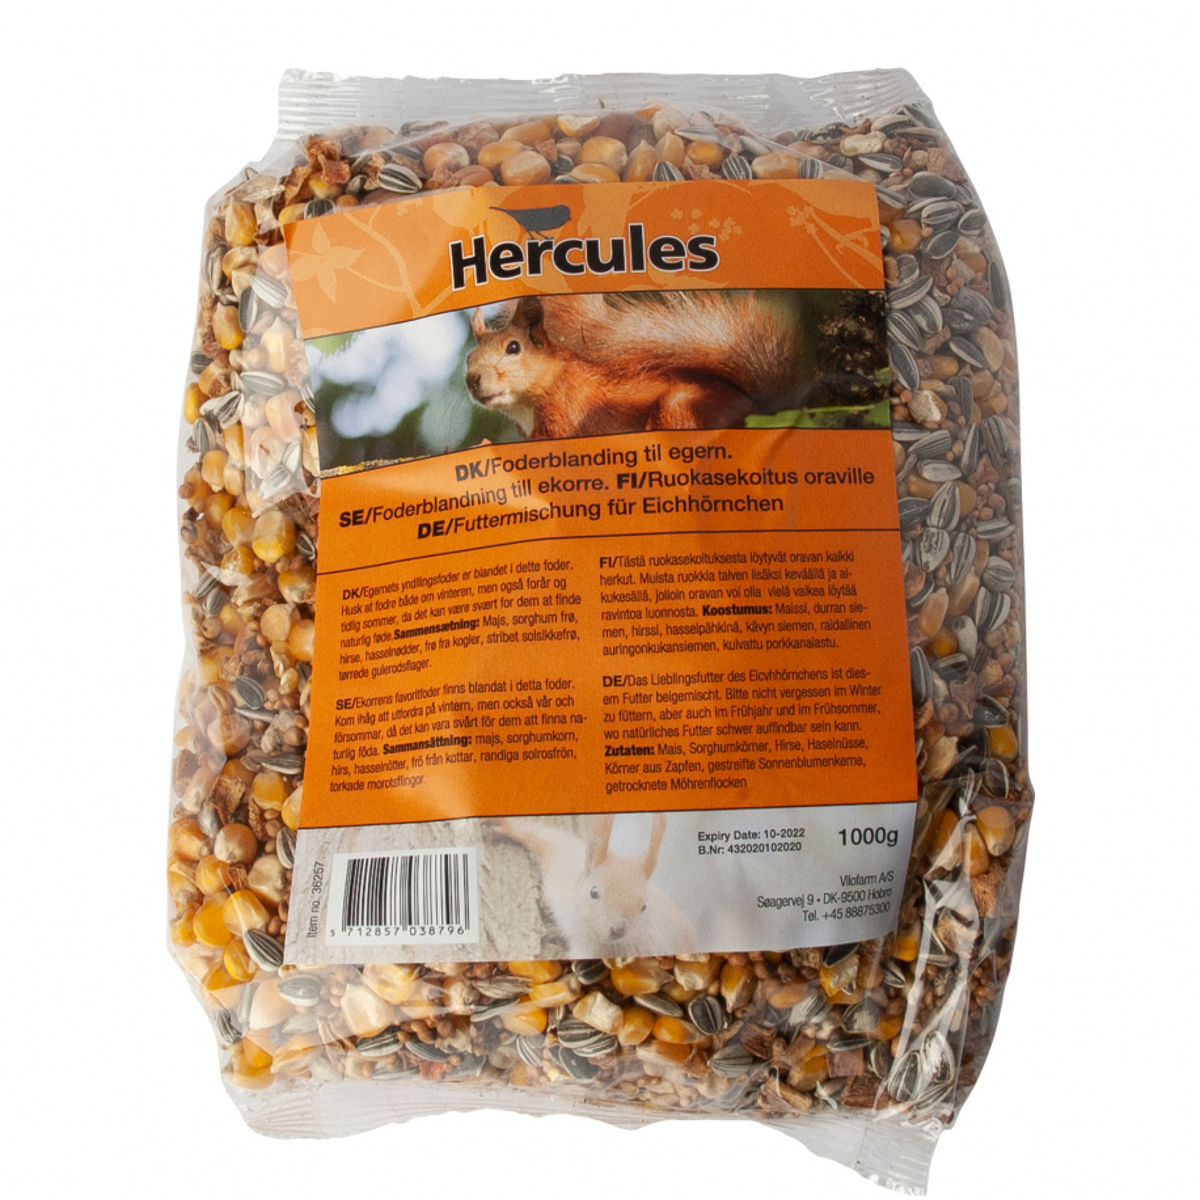 Hercules egernfoder, 1 kg